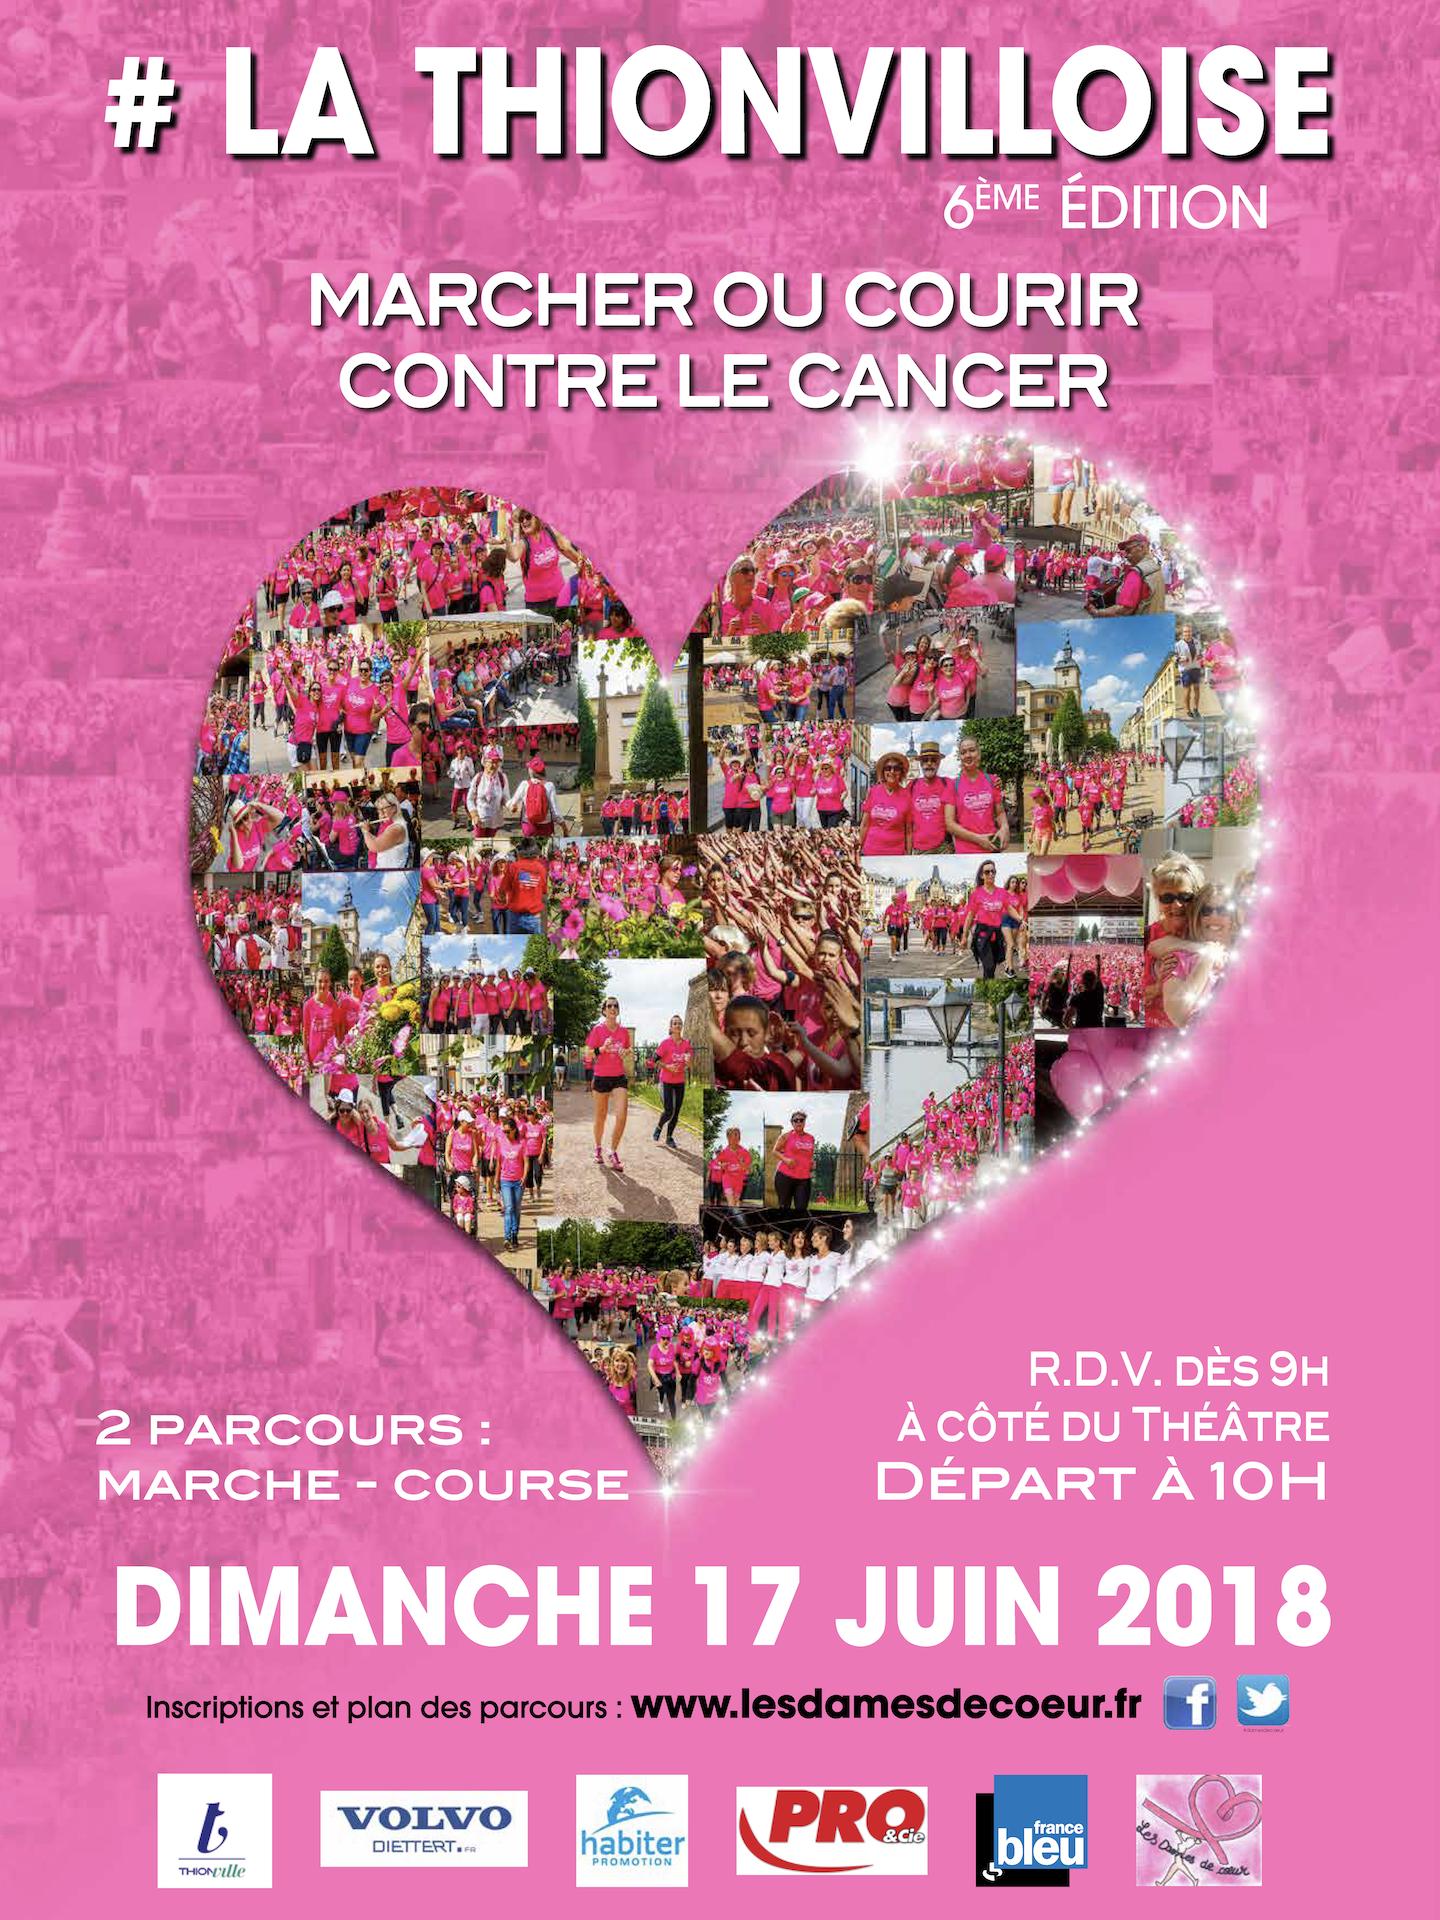 DDC_affiche_la-thionvilloise-2018